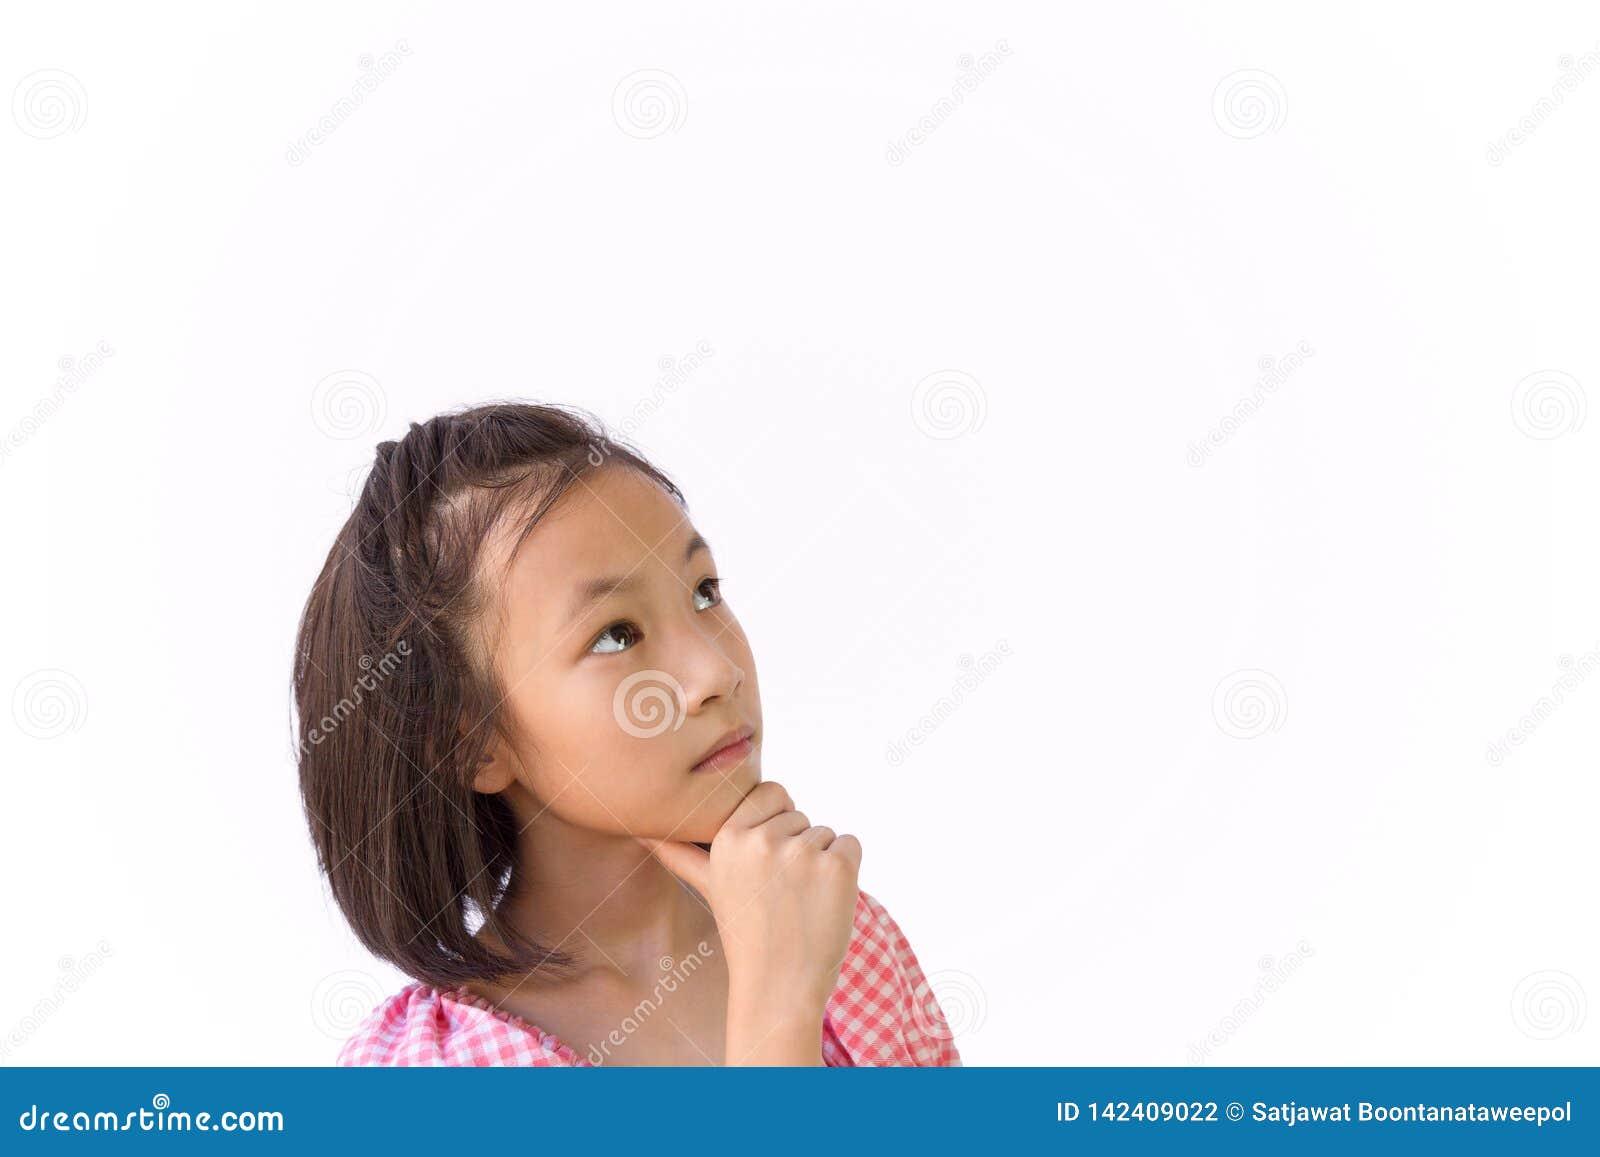 Aziatisch die meisje op witte analytische achtergrond wordt geïsoleerd, denkend het zoeken, close-upportret van leuk kind die een